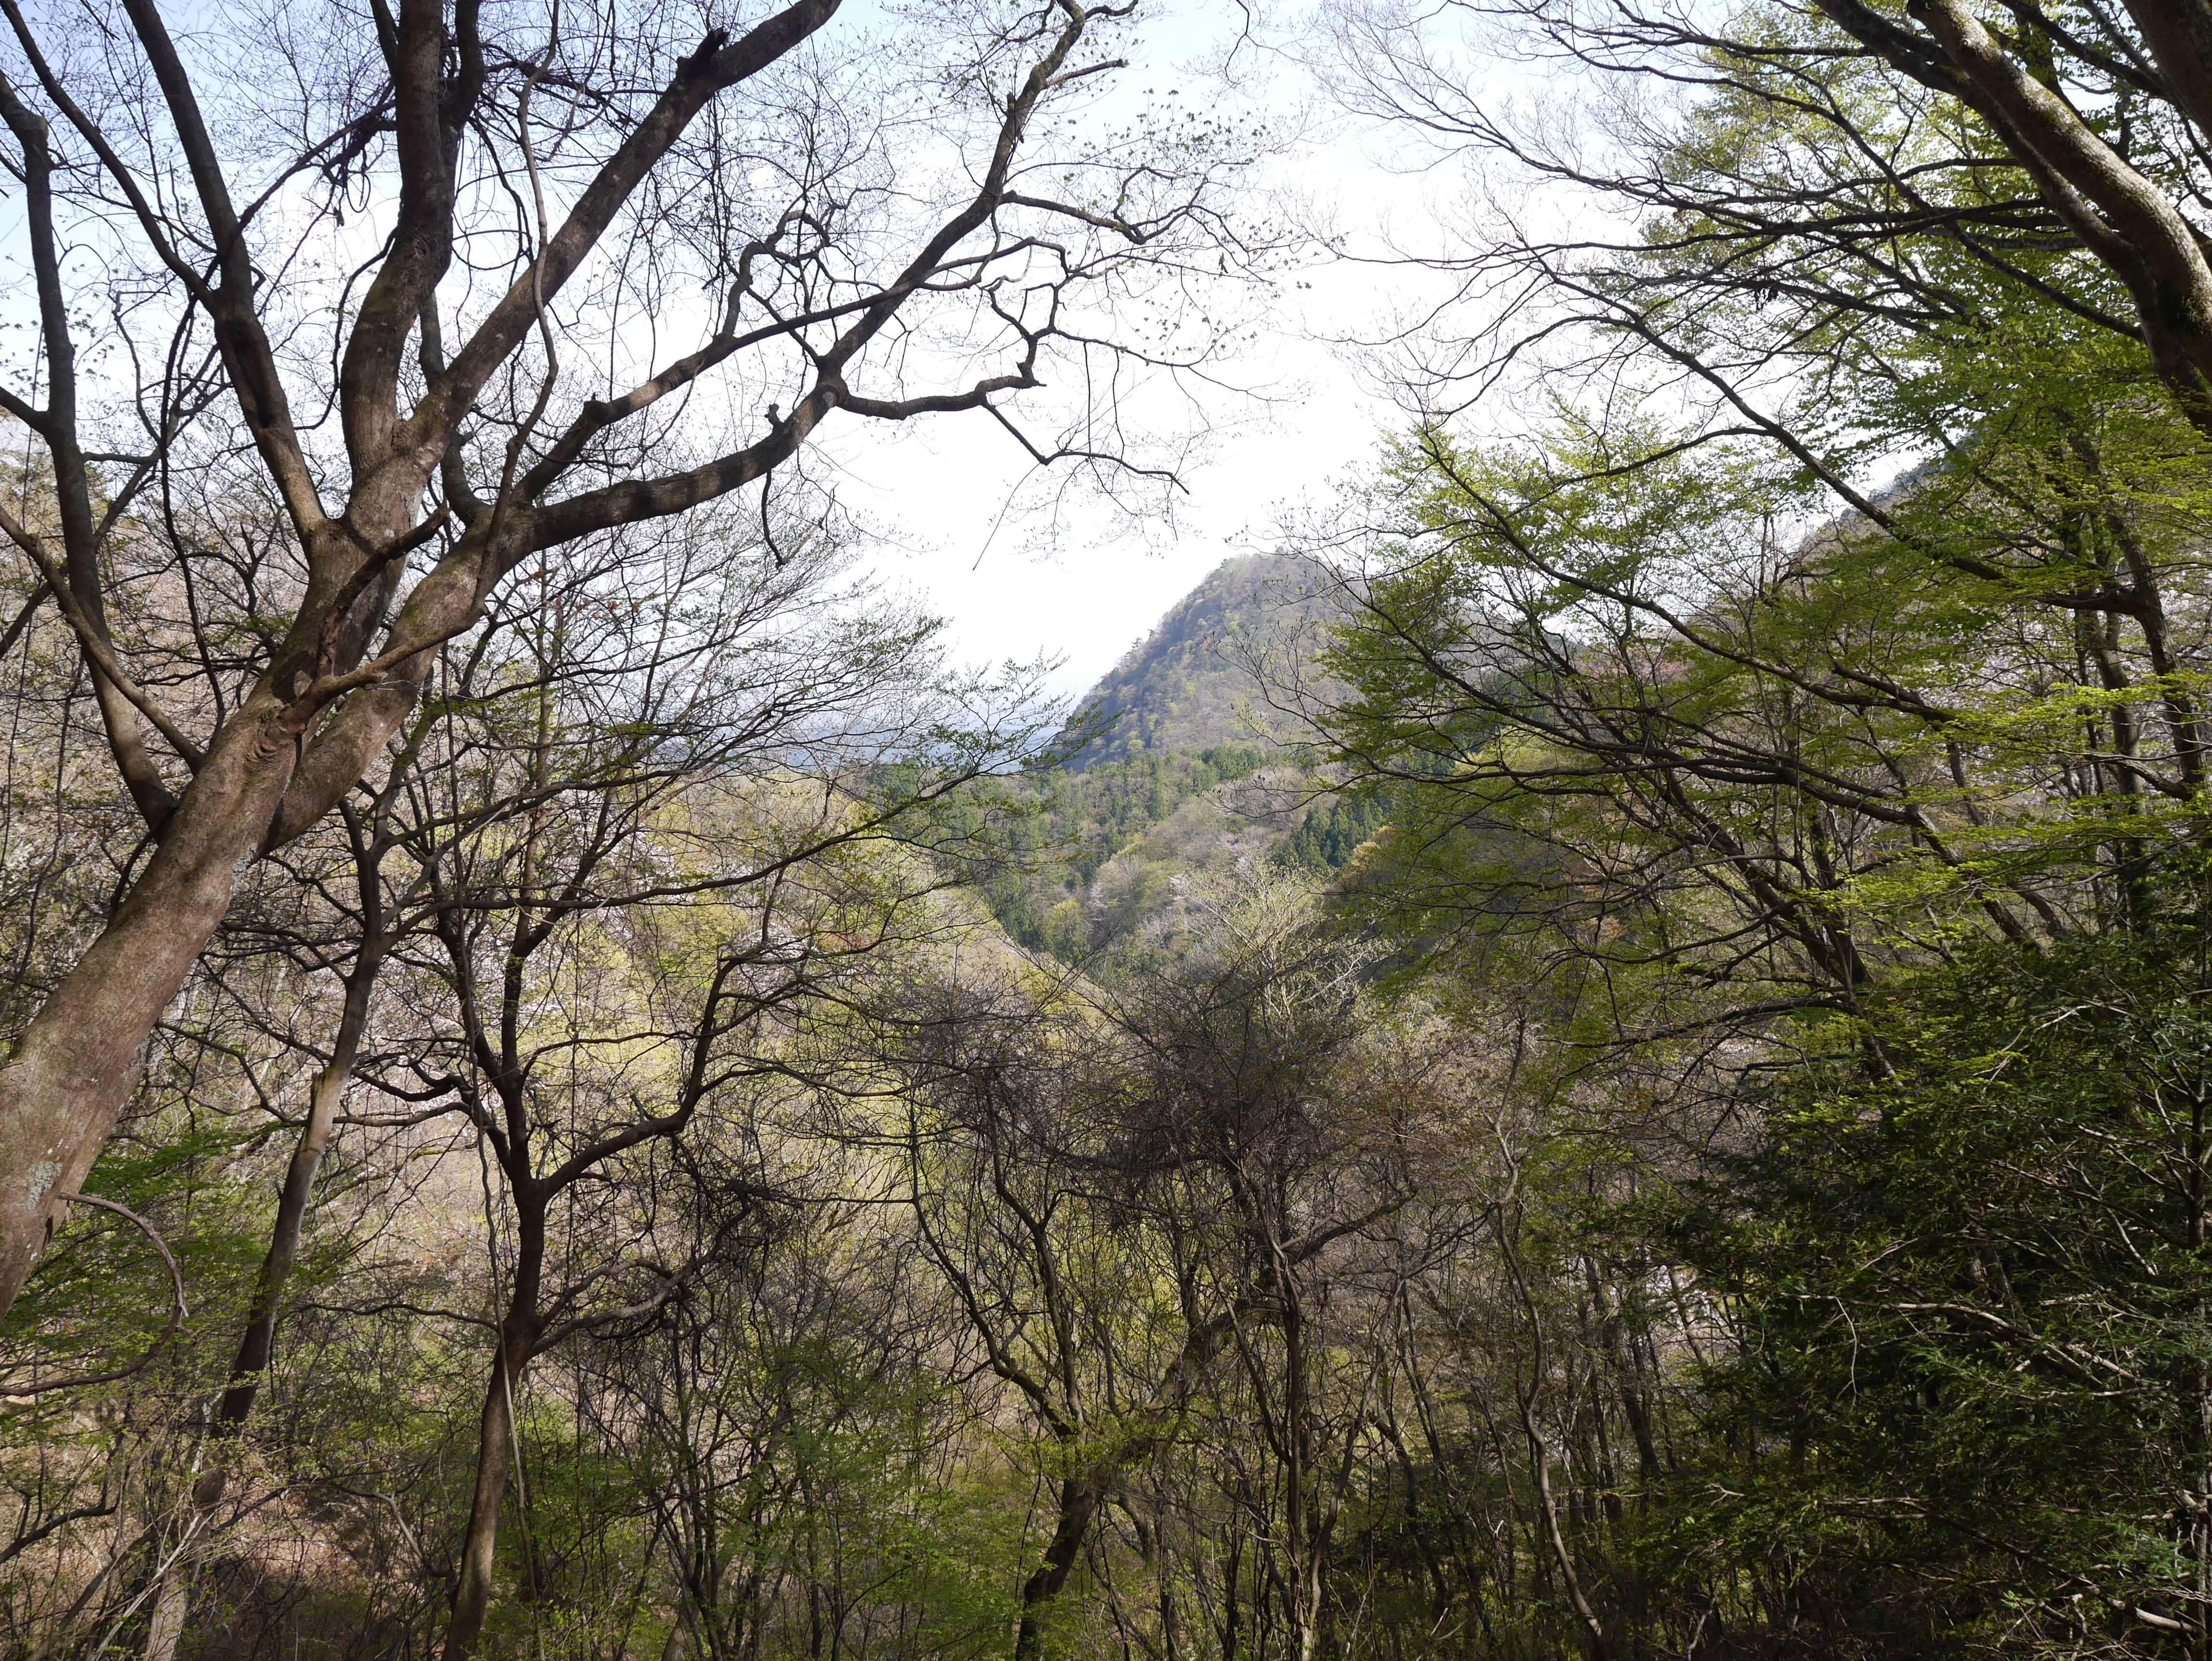 Mount-Mitake-trees-mountains